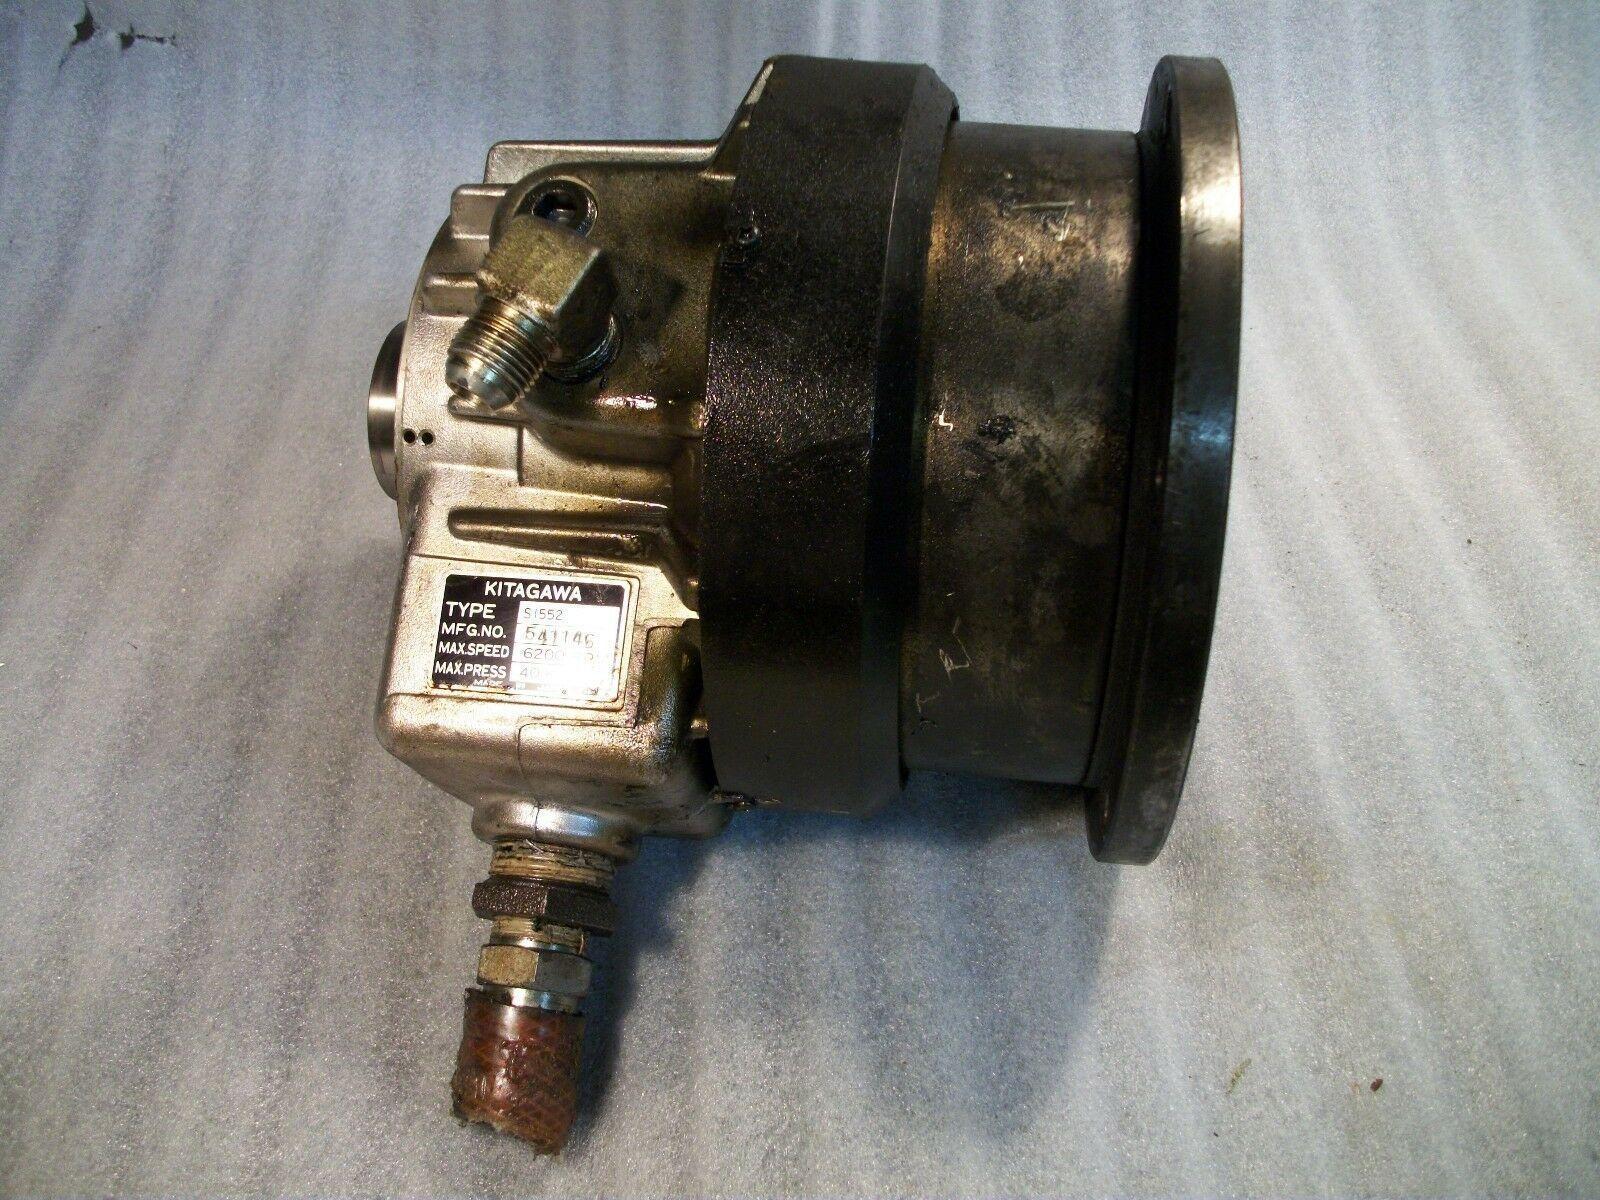 Kitagawa Hydraulic Lathe Chuck Actuator S1552, 541146